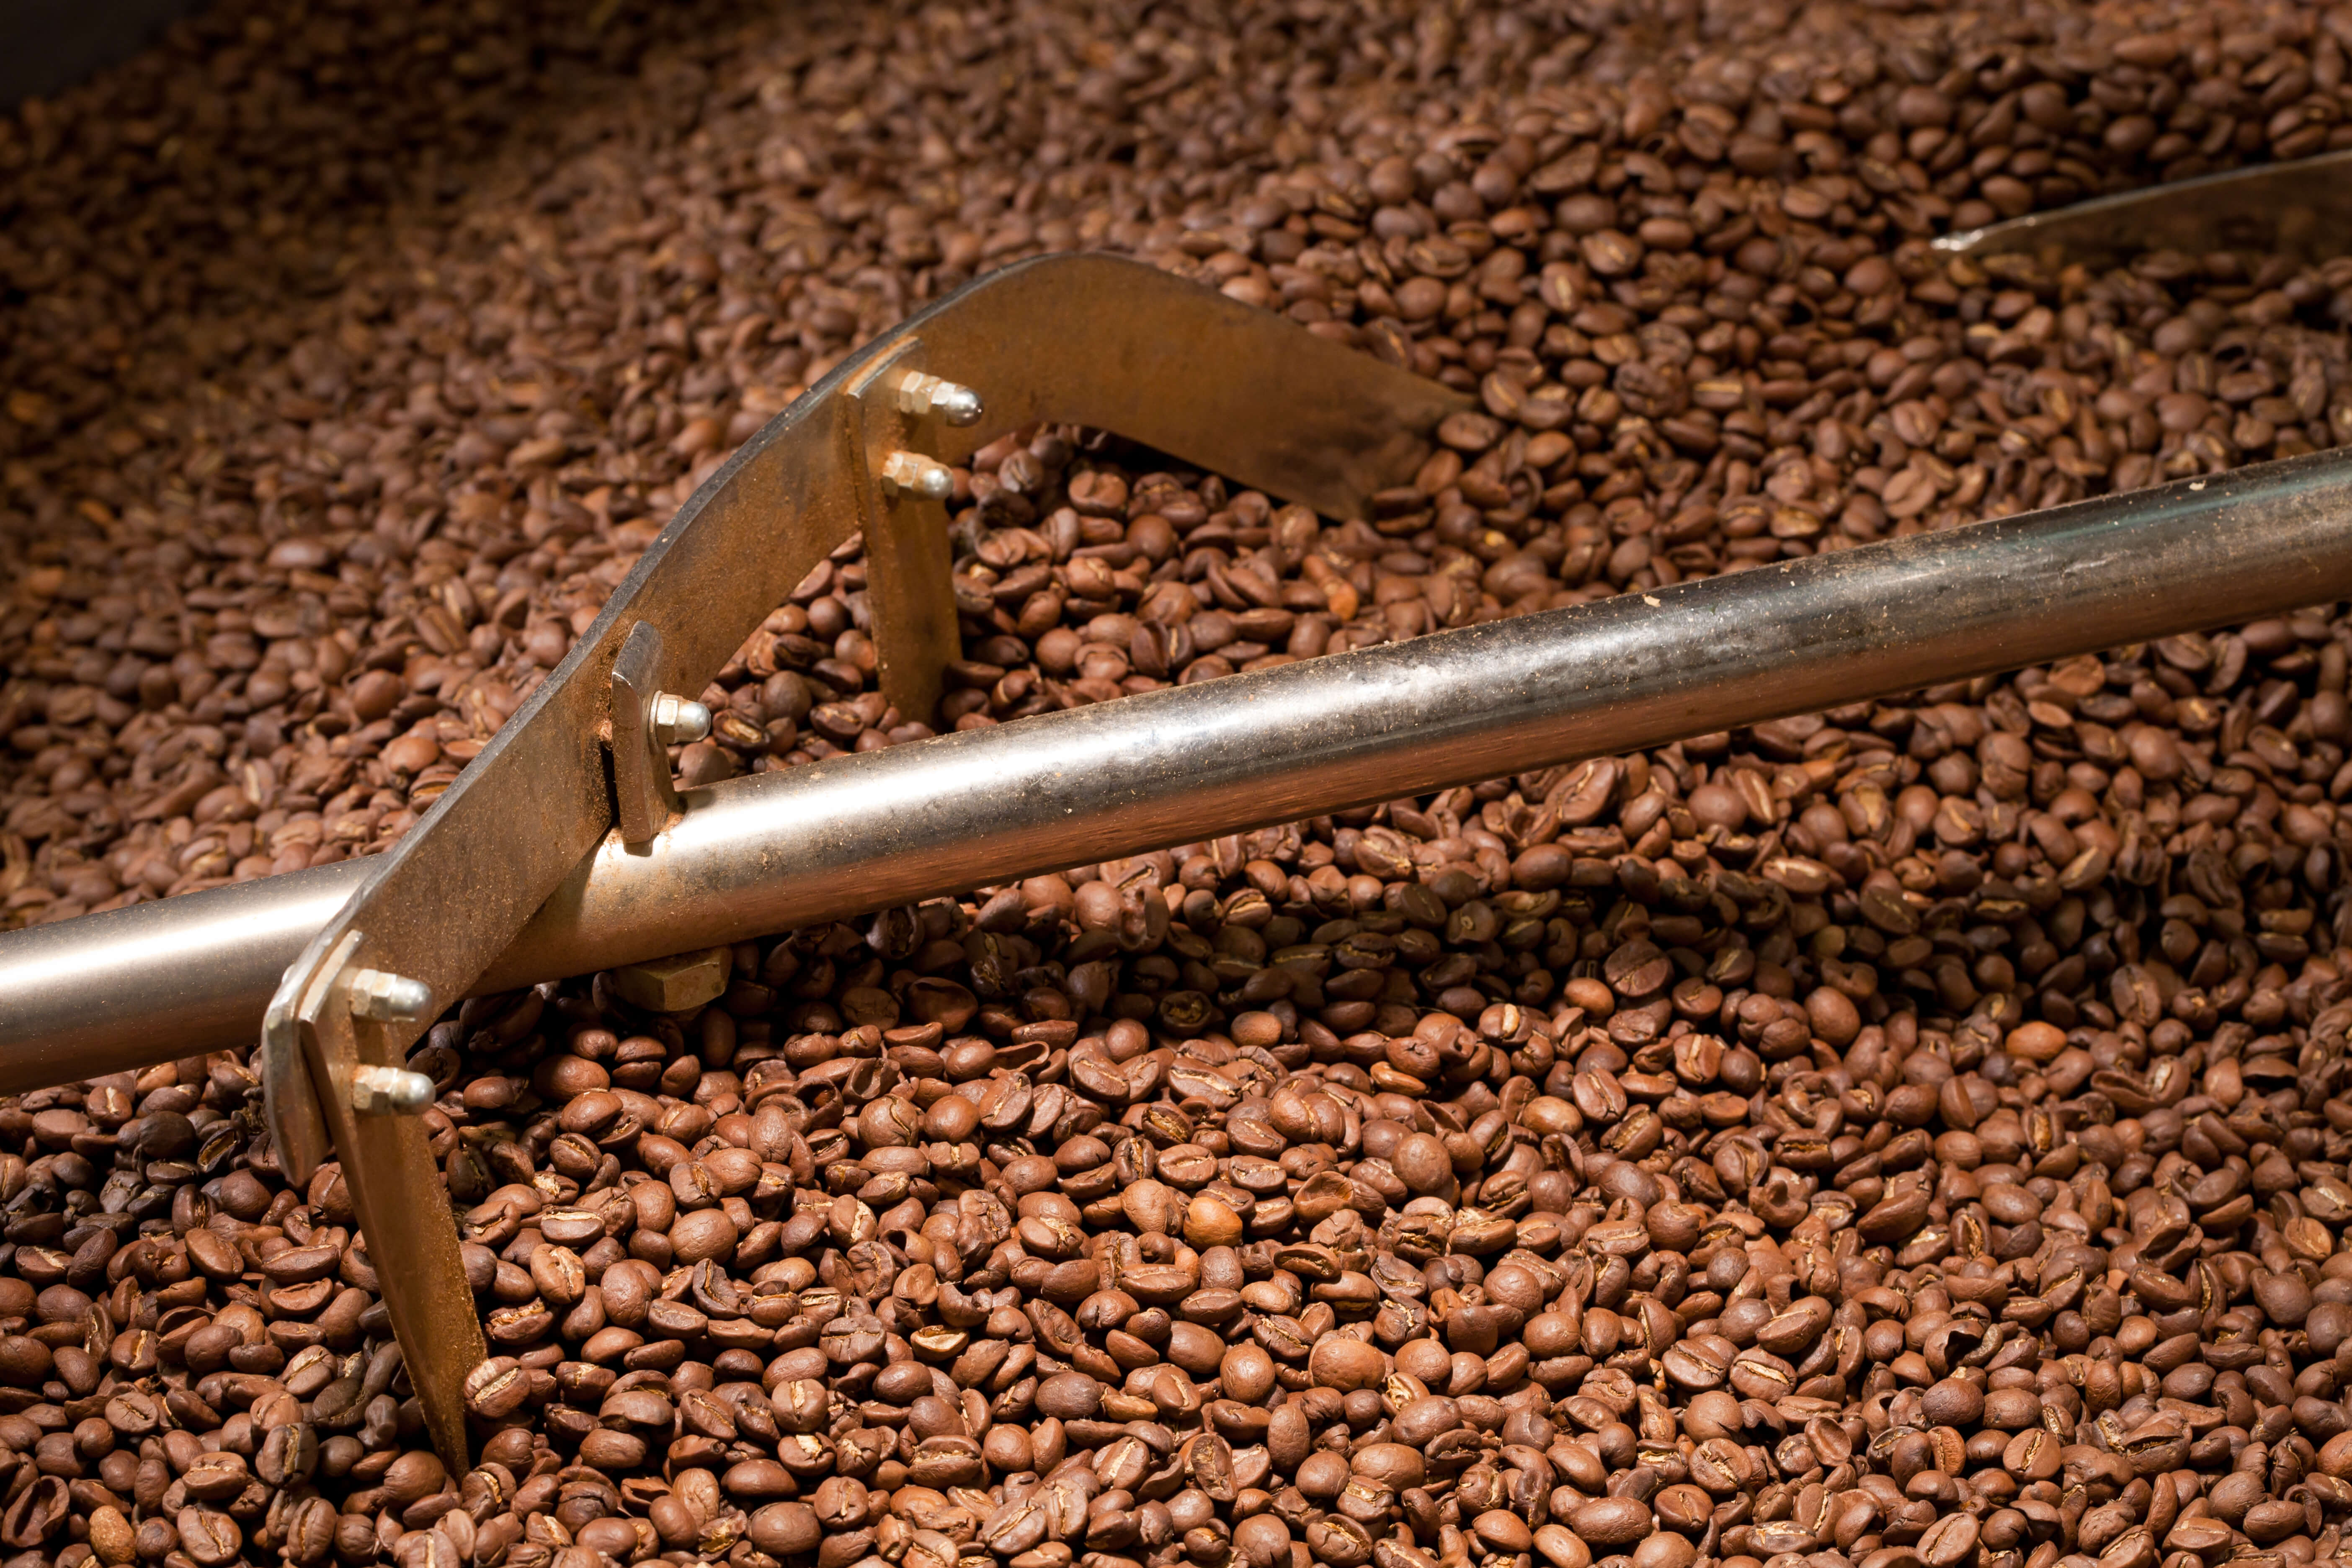 Kaffeeröster, Kaffeebohnen, Mahlwerk